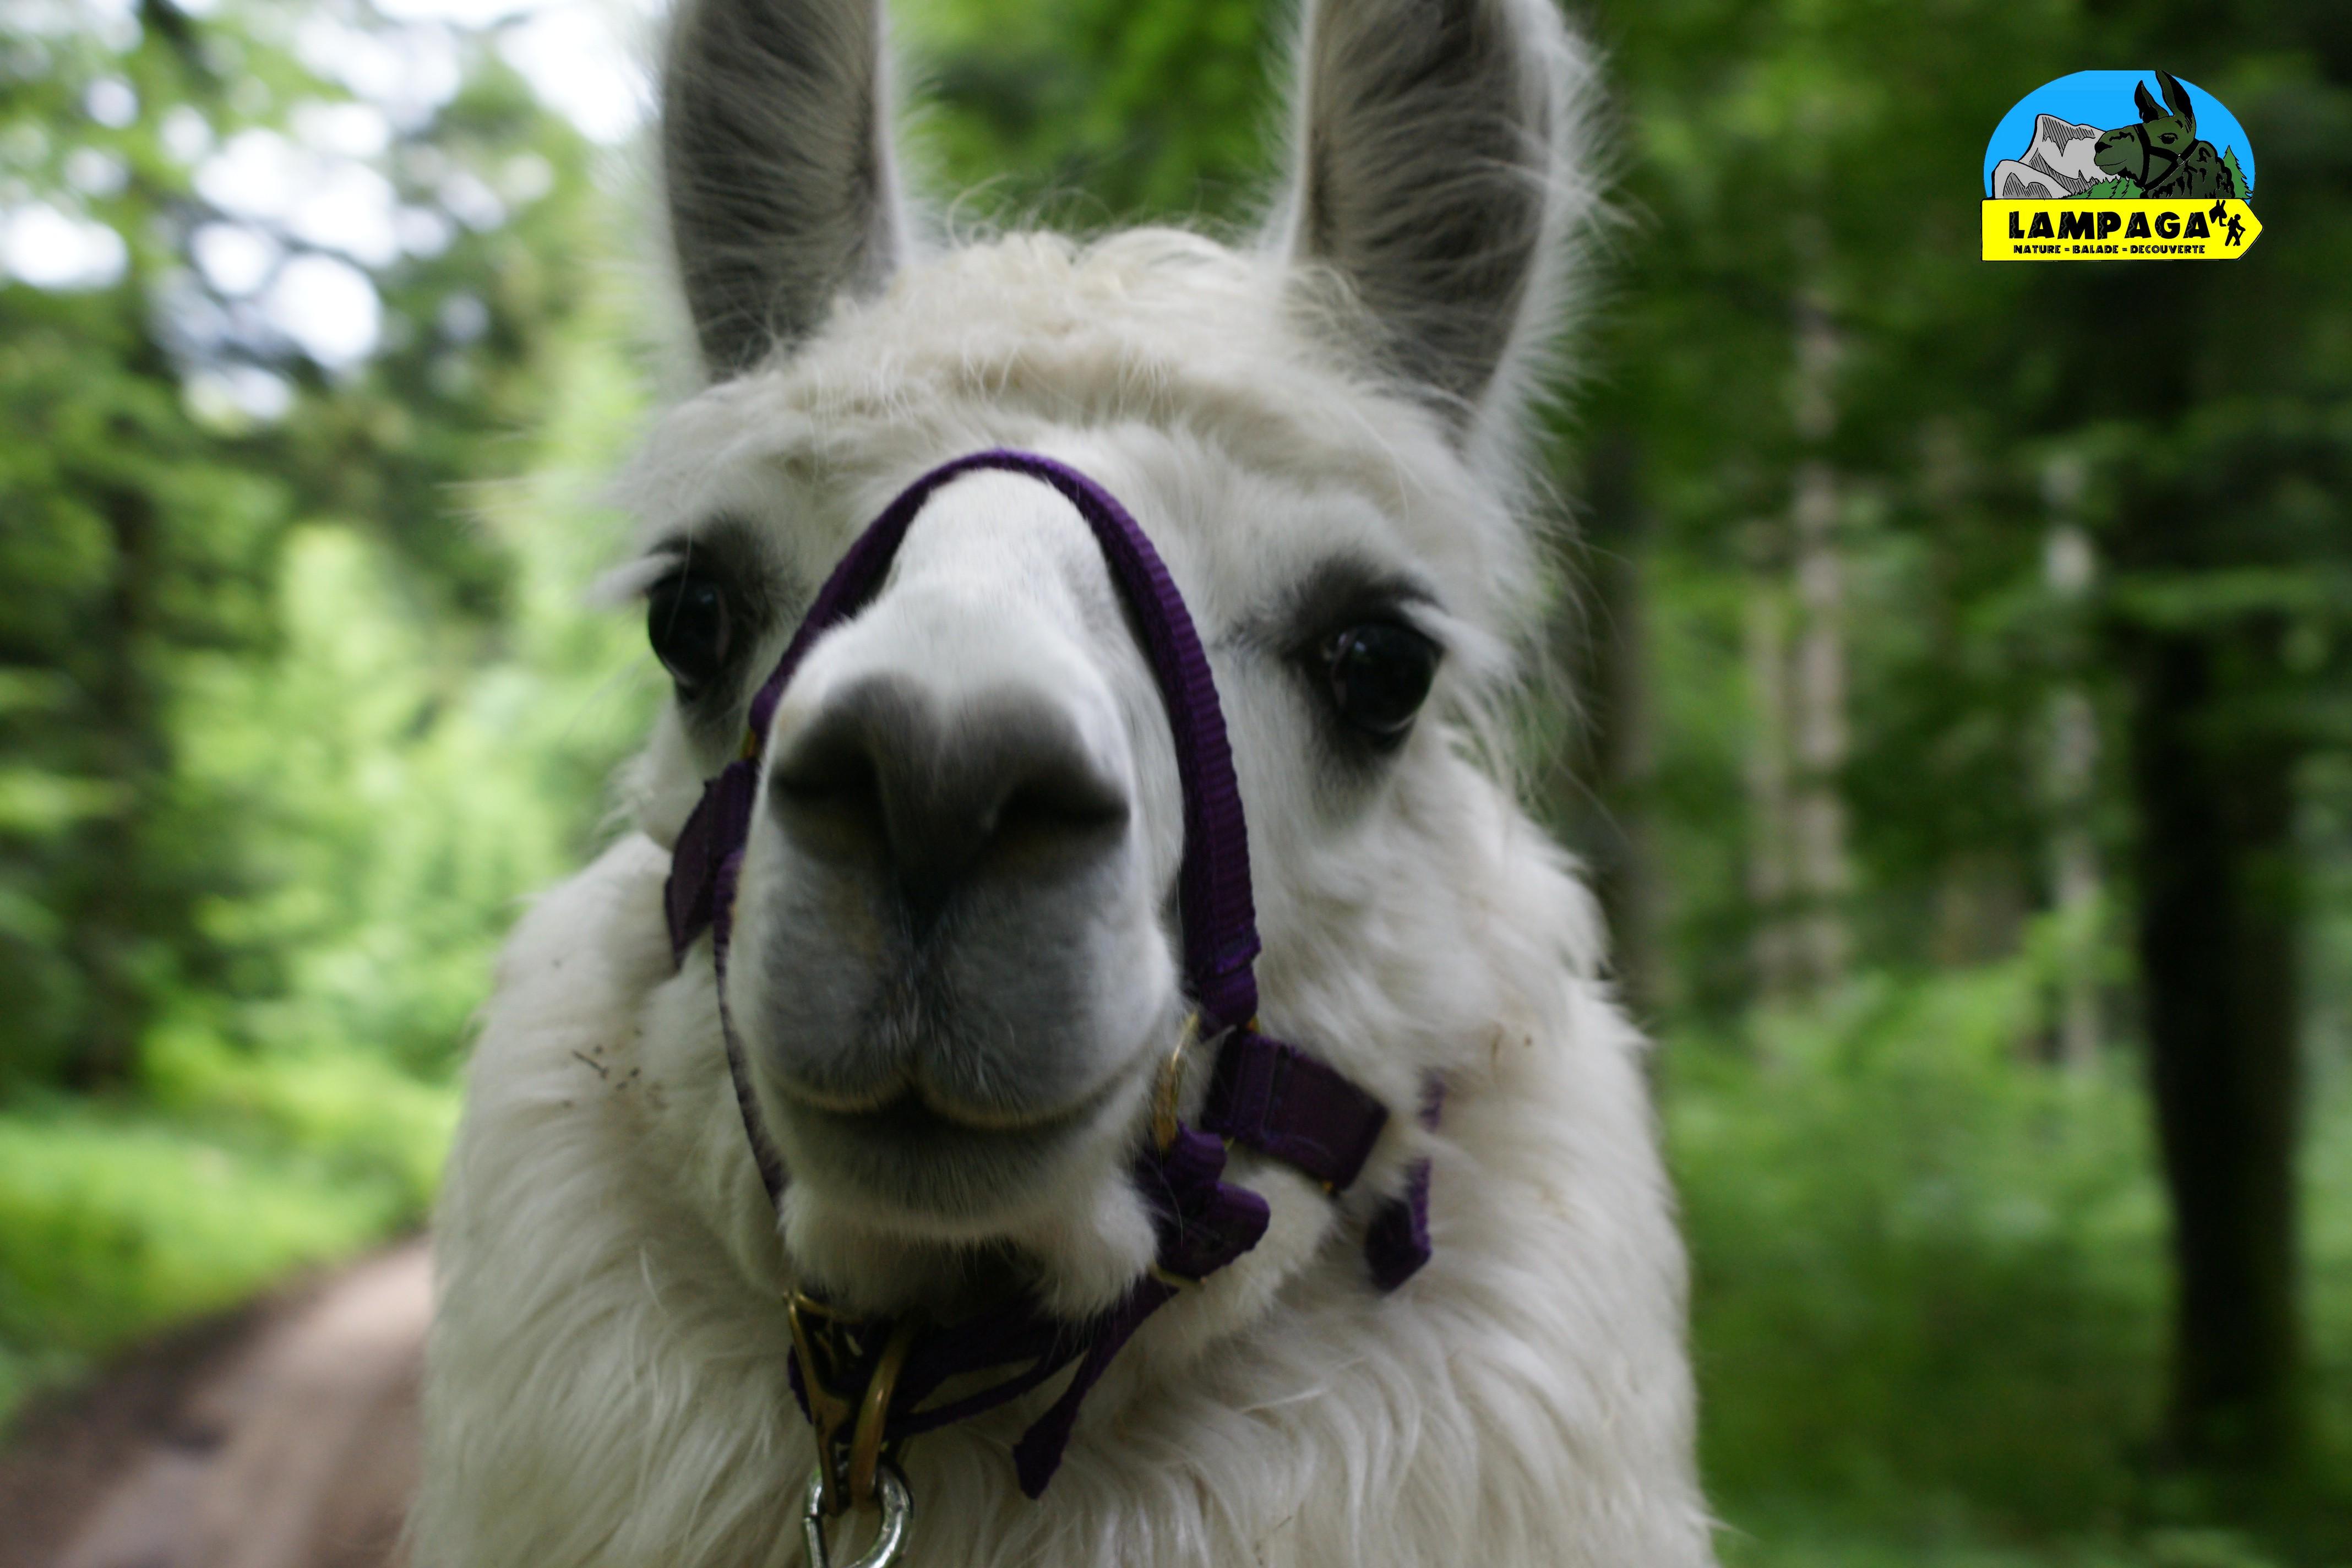 Notre jeune lama